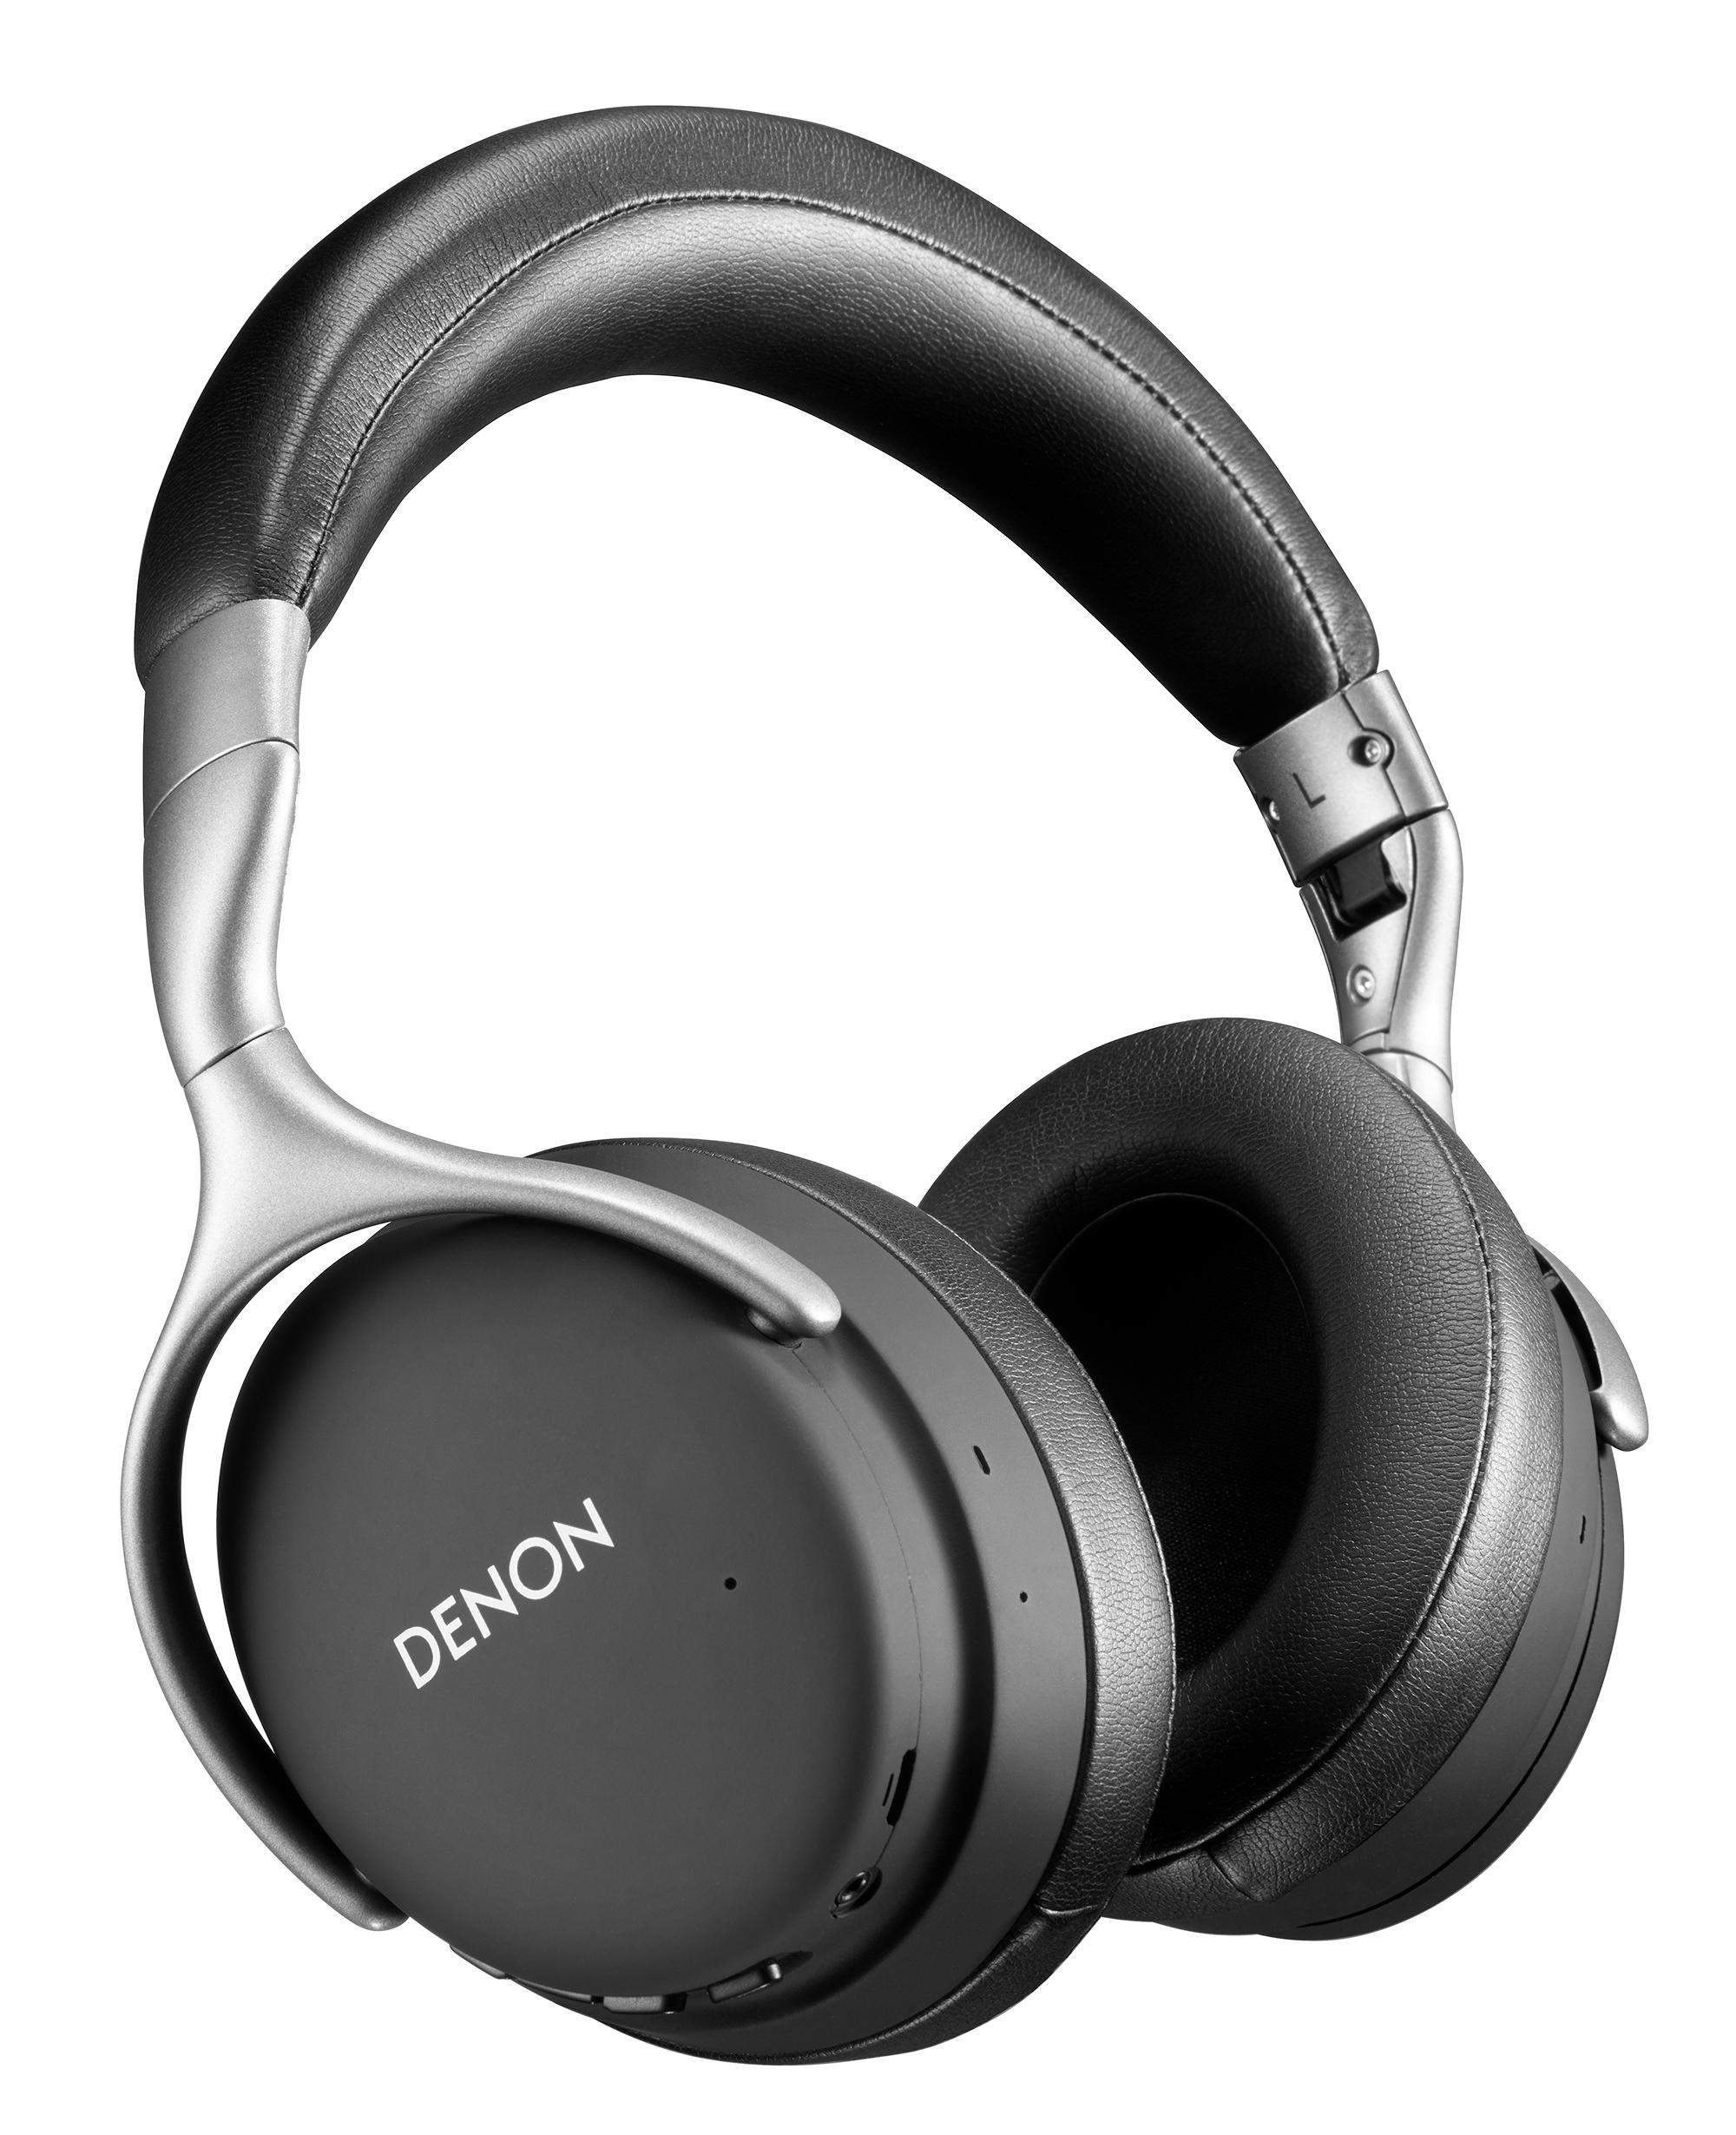 Denon ATH-GC30